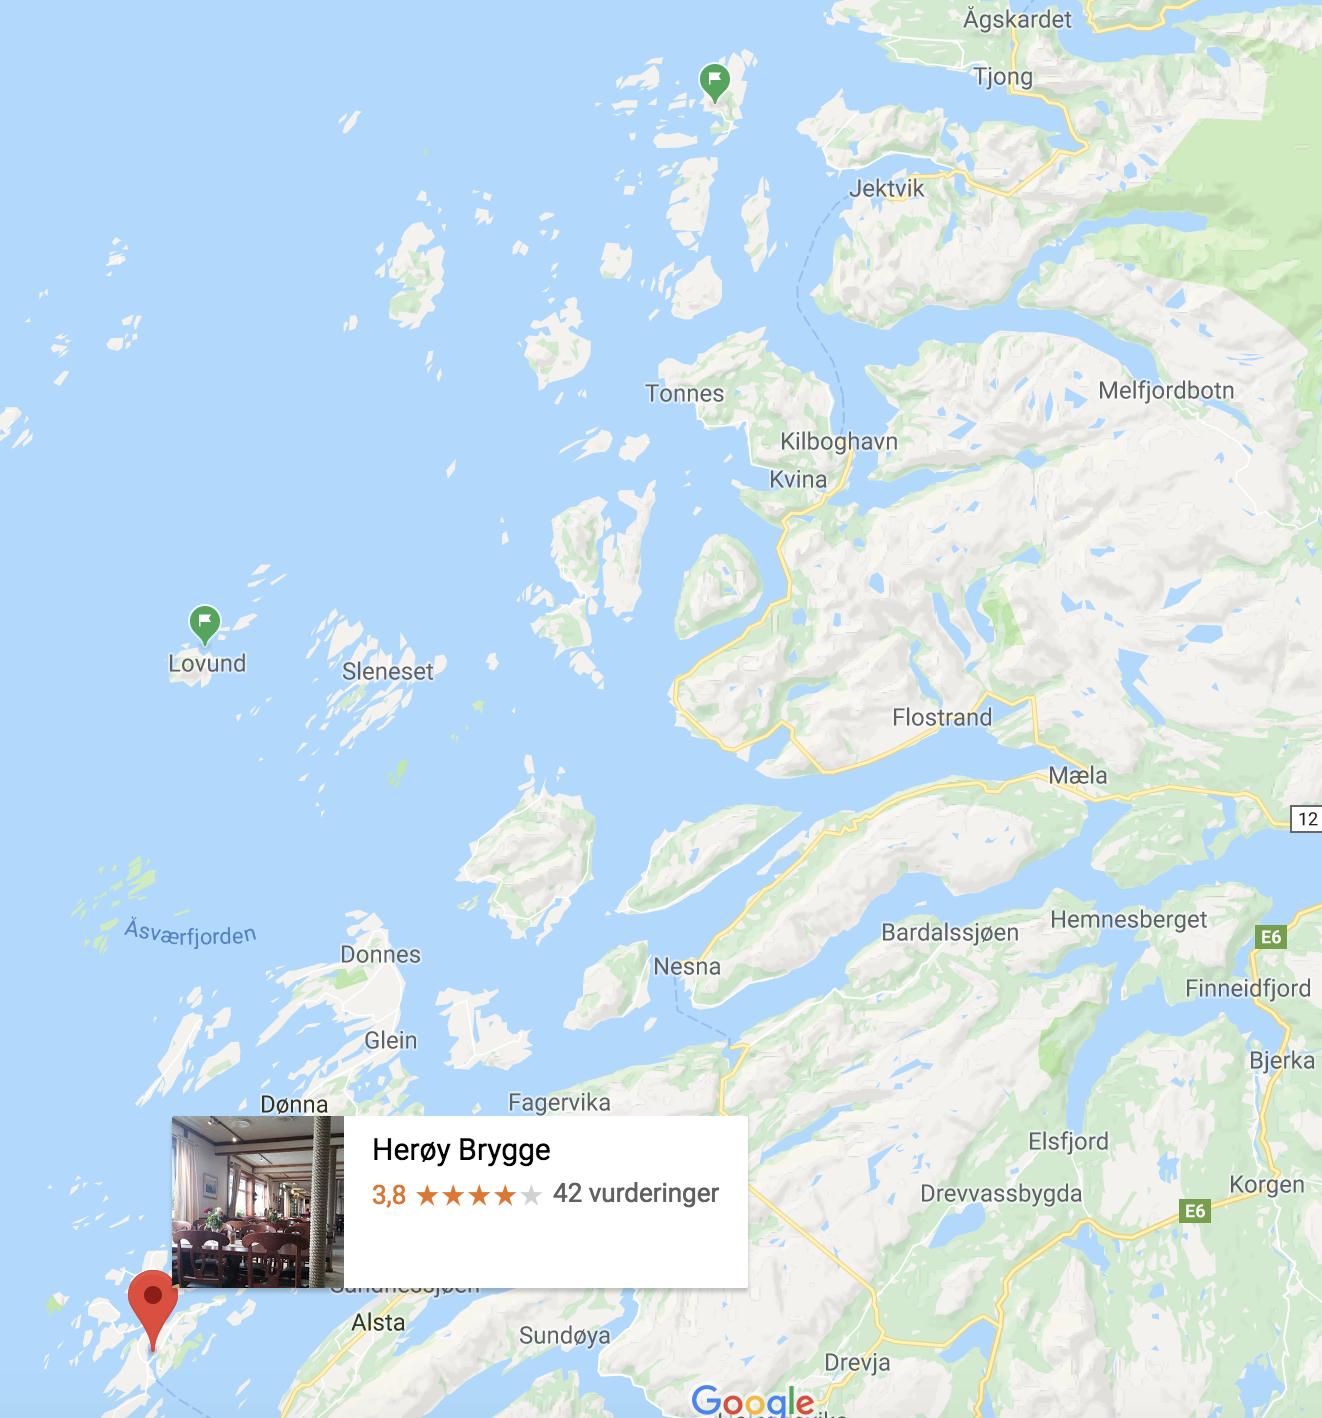 Skjermbilde 2018-05-21 kl. 16.51.09.png